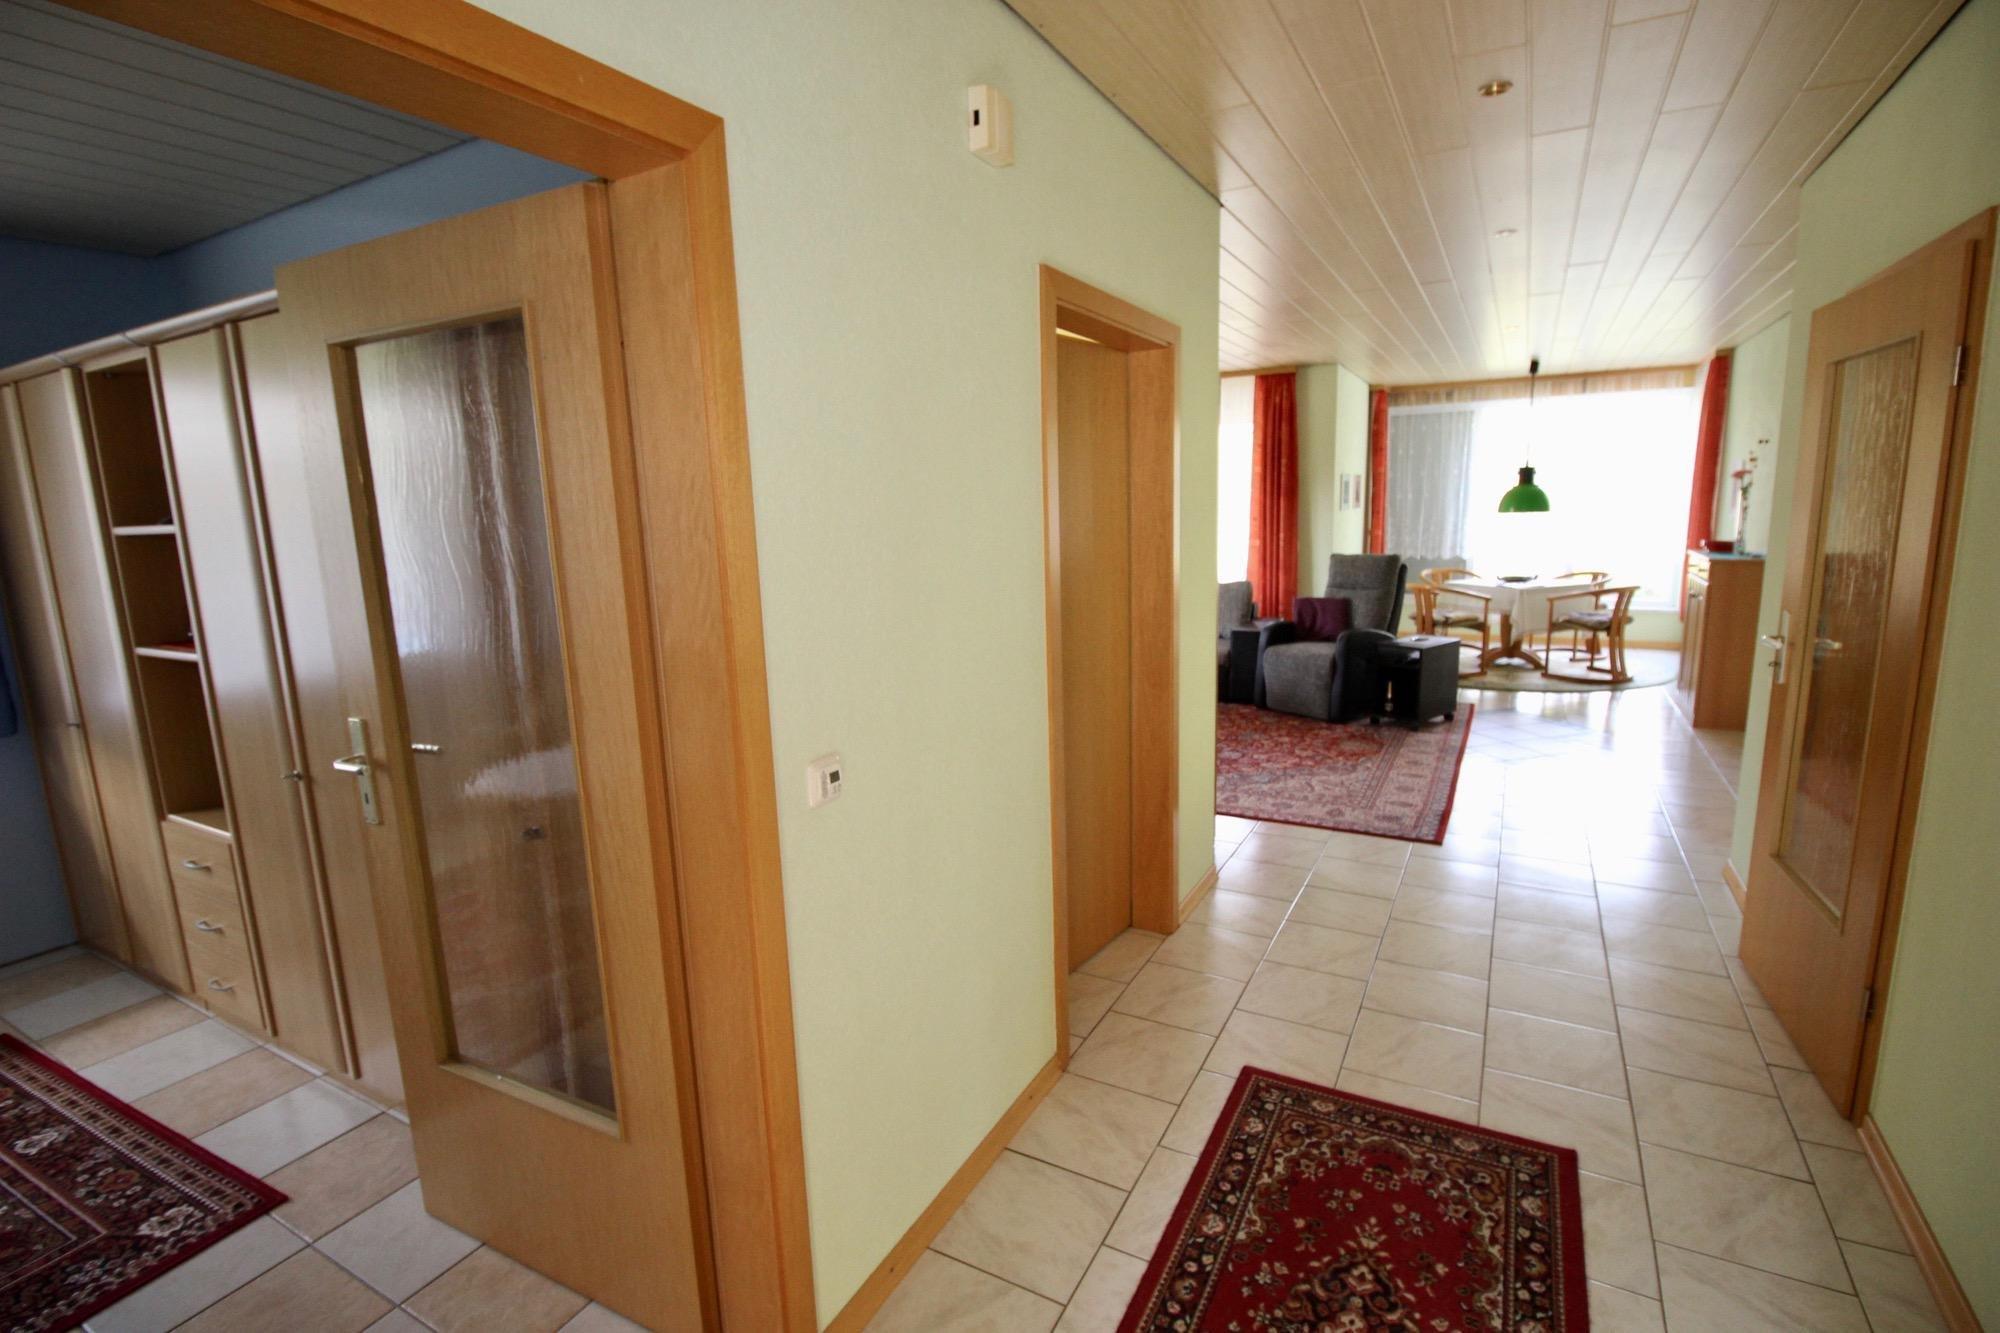 offener Flur zum Wohnbereich im Erdgeschoss